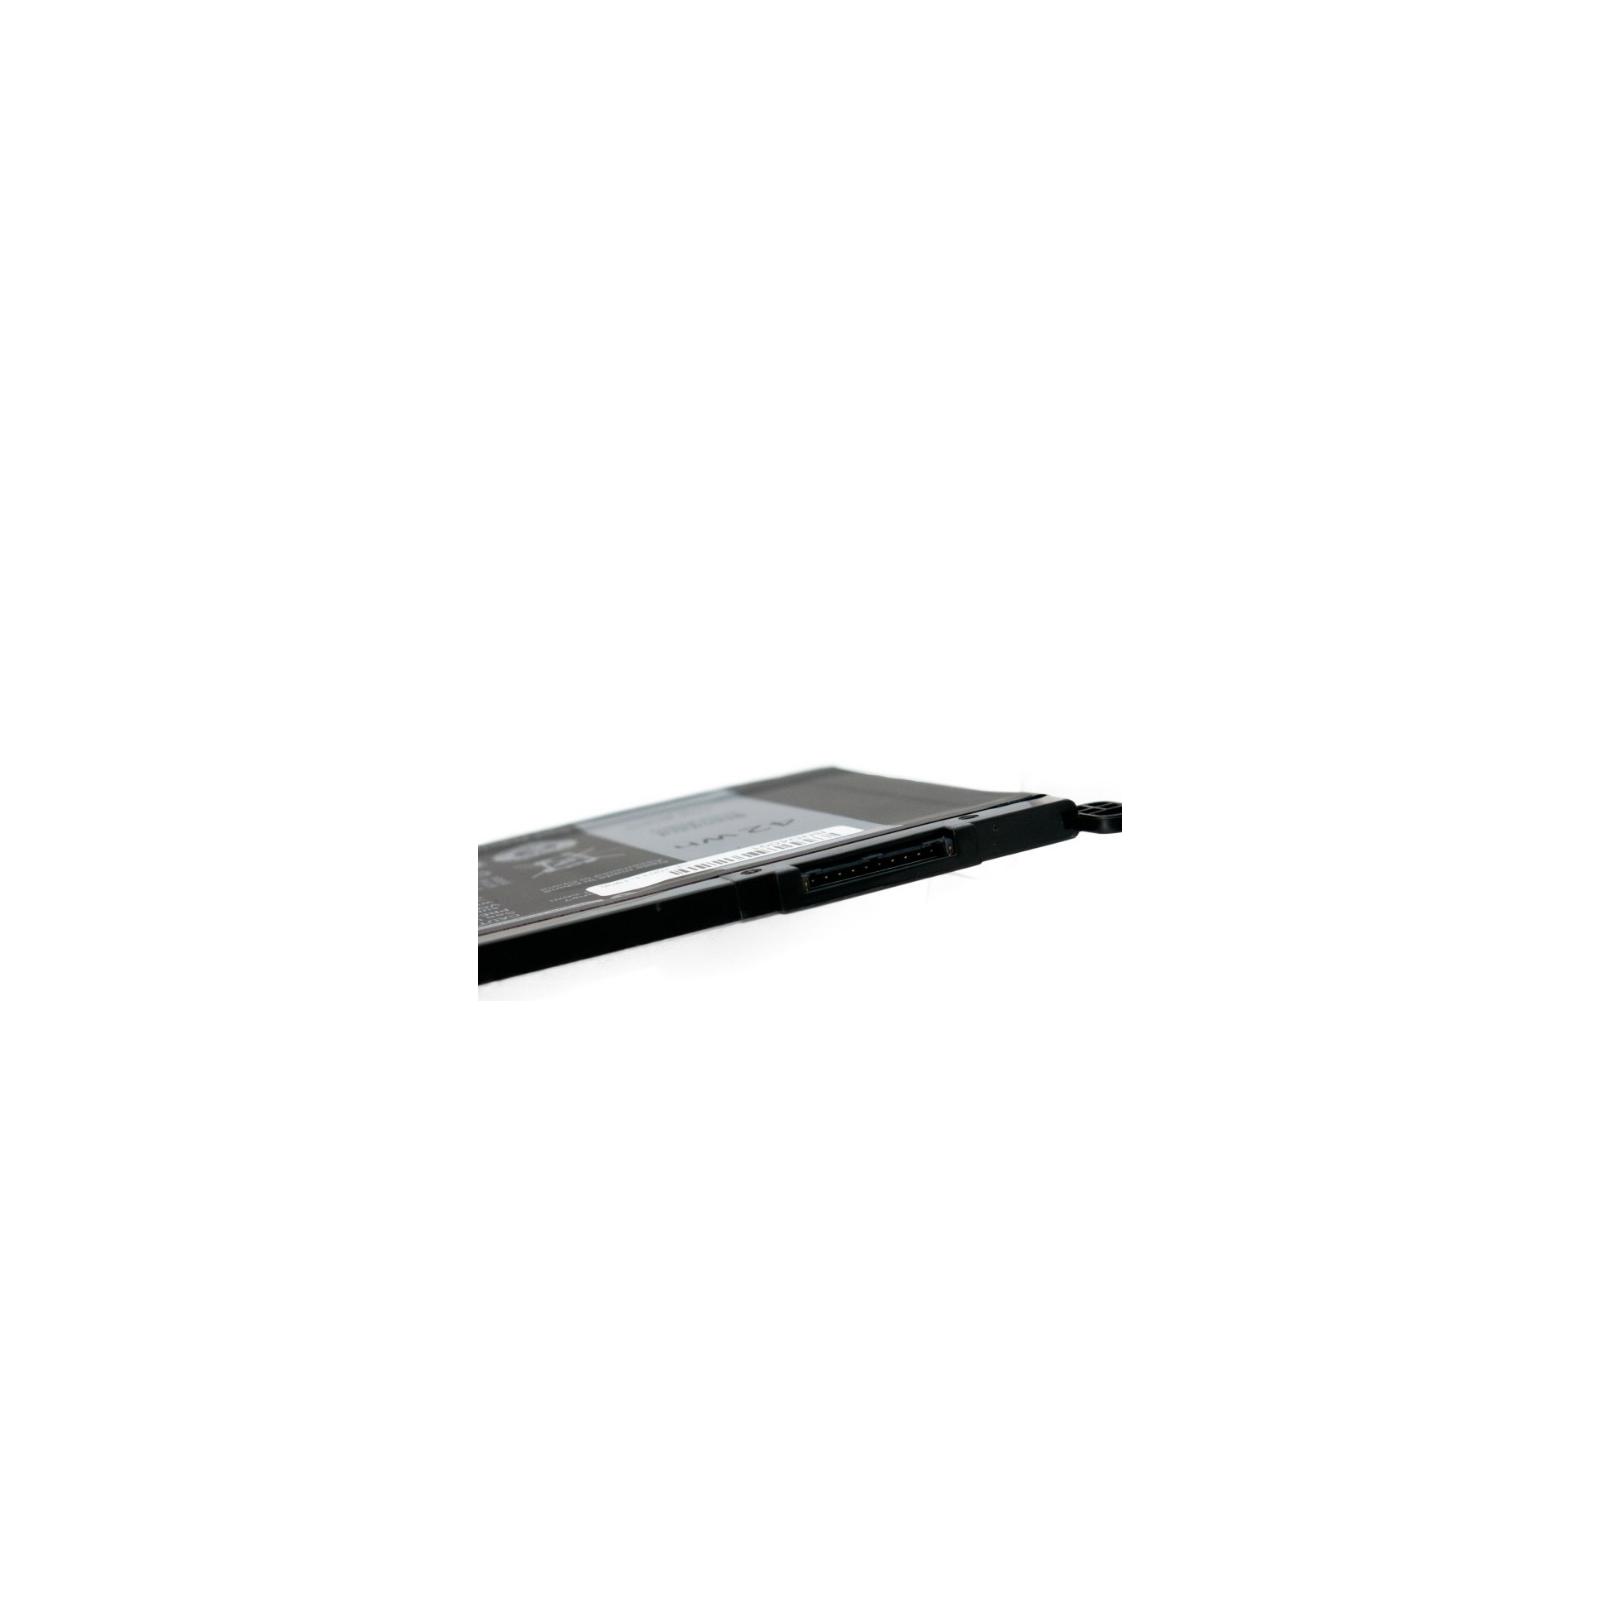 Аккумулятор для ноутбука Dell WDX0R 13.2V, 3500mAh Extradigital (BND4001) изображение 3